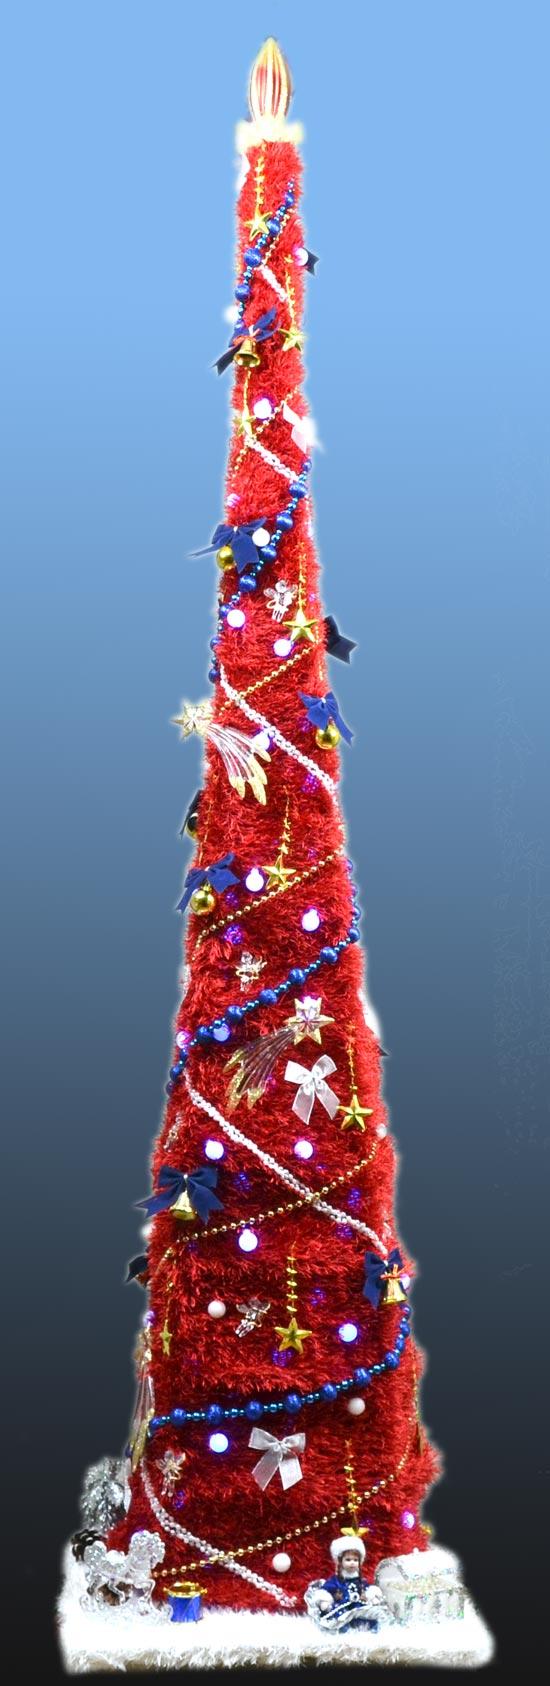 Оригинальная креативная вязанная новогодняя елка искусственная.